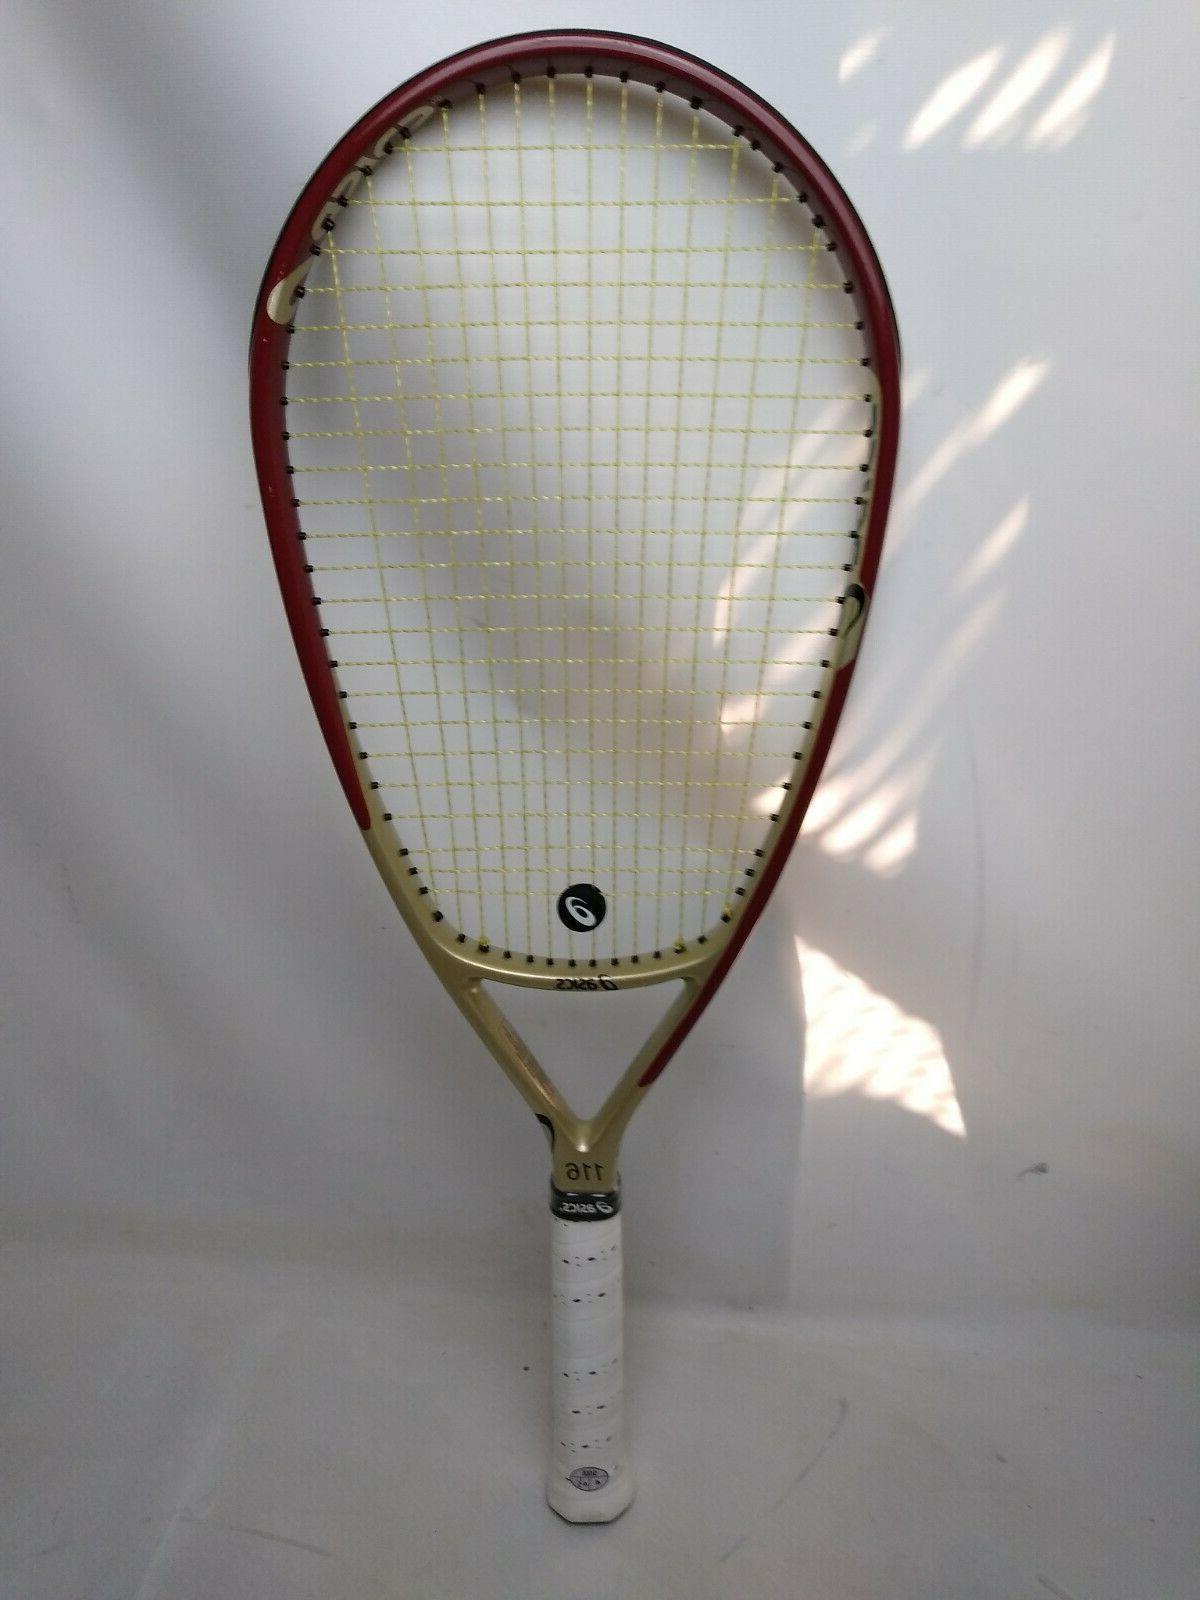 116 tennis racquet l4 new grip size